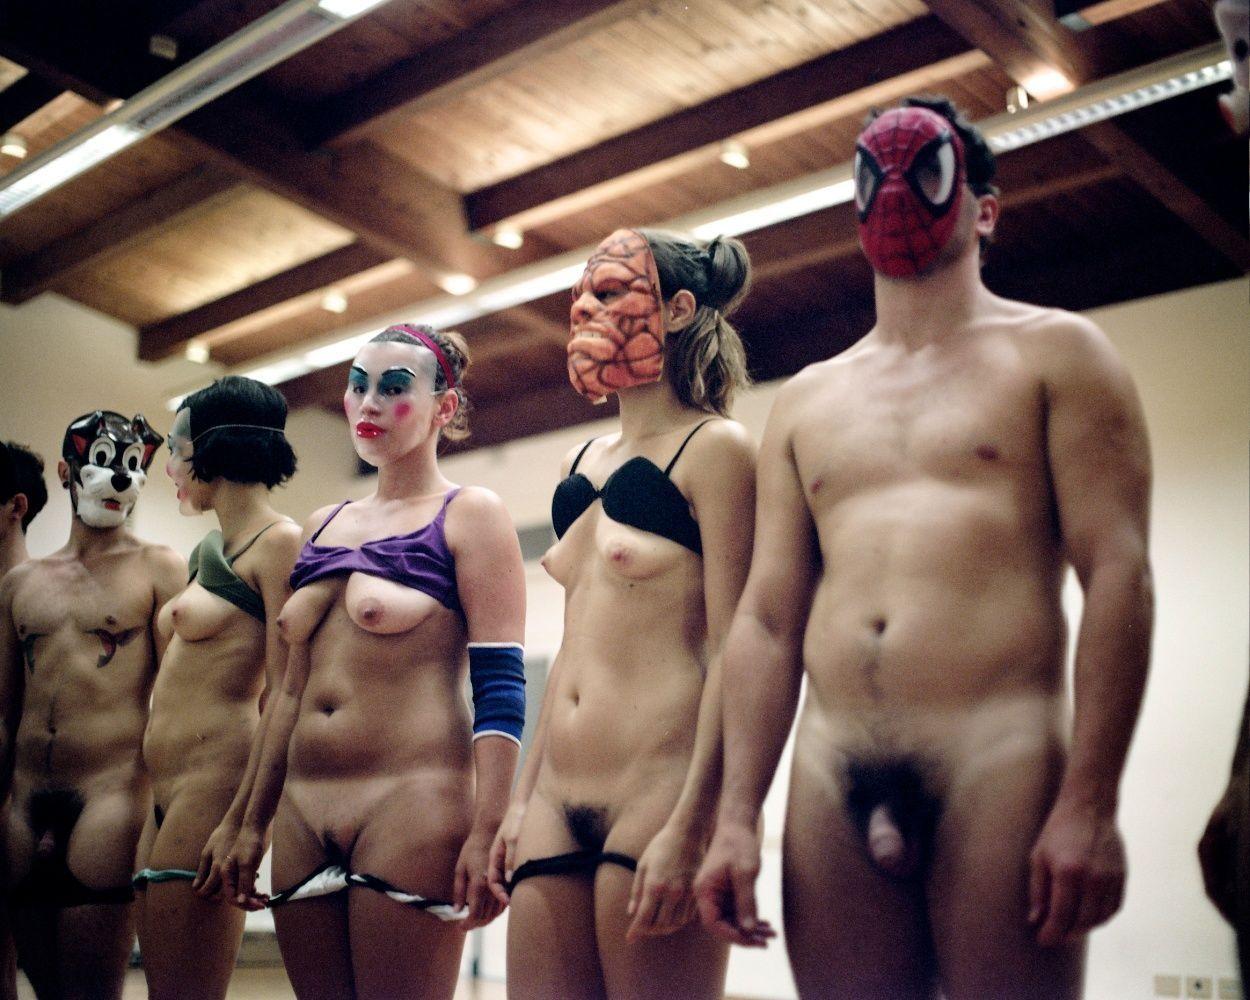 art gay genital nude